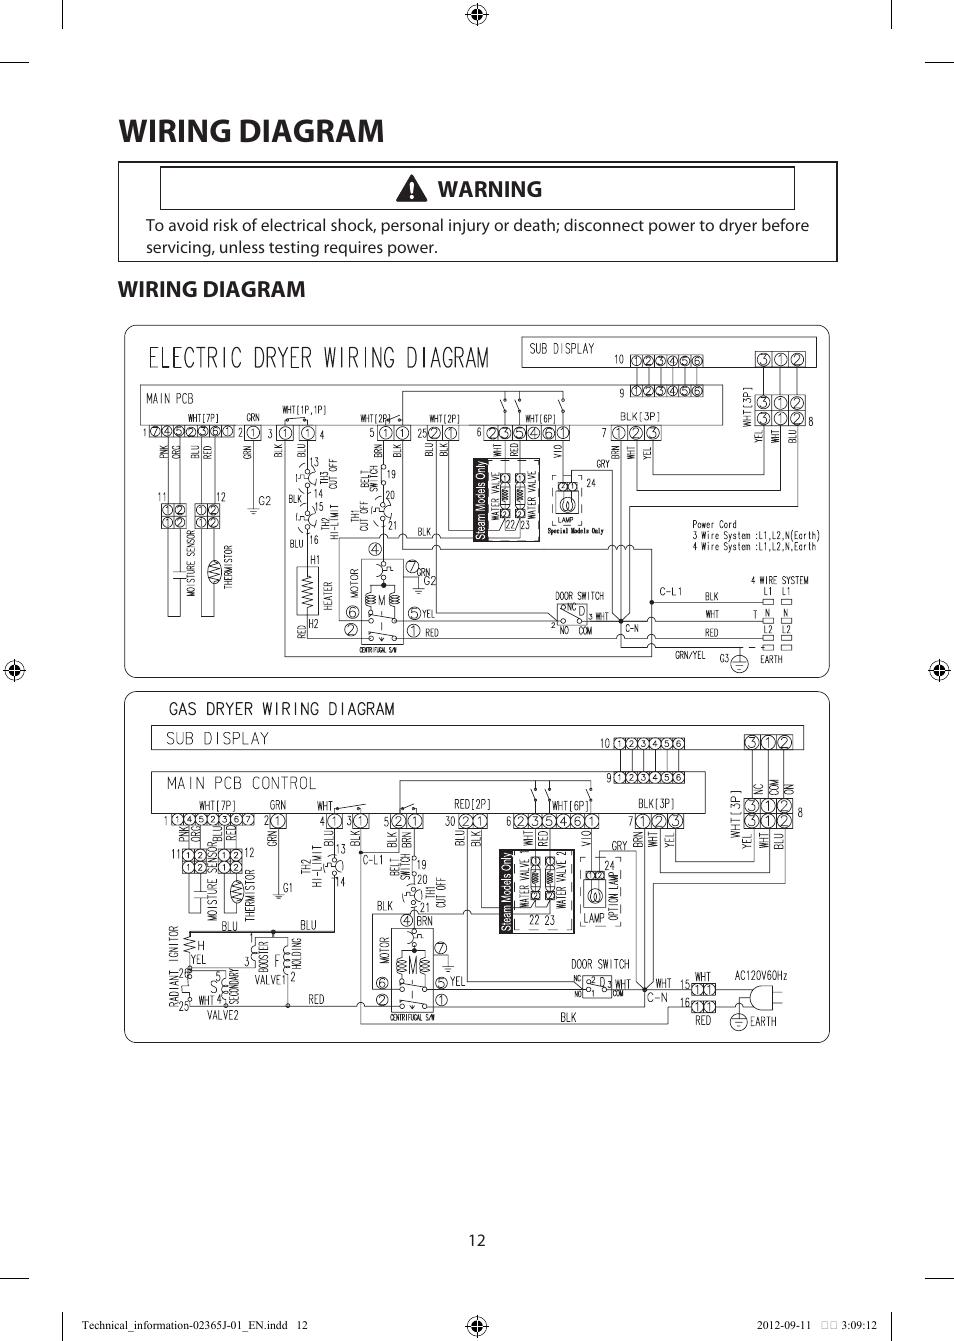 Wiring Diagram Warning Samsung